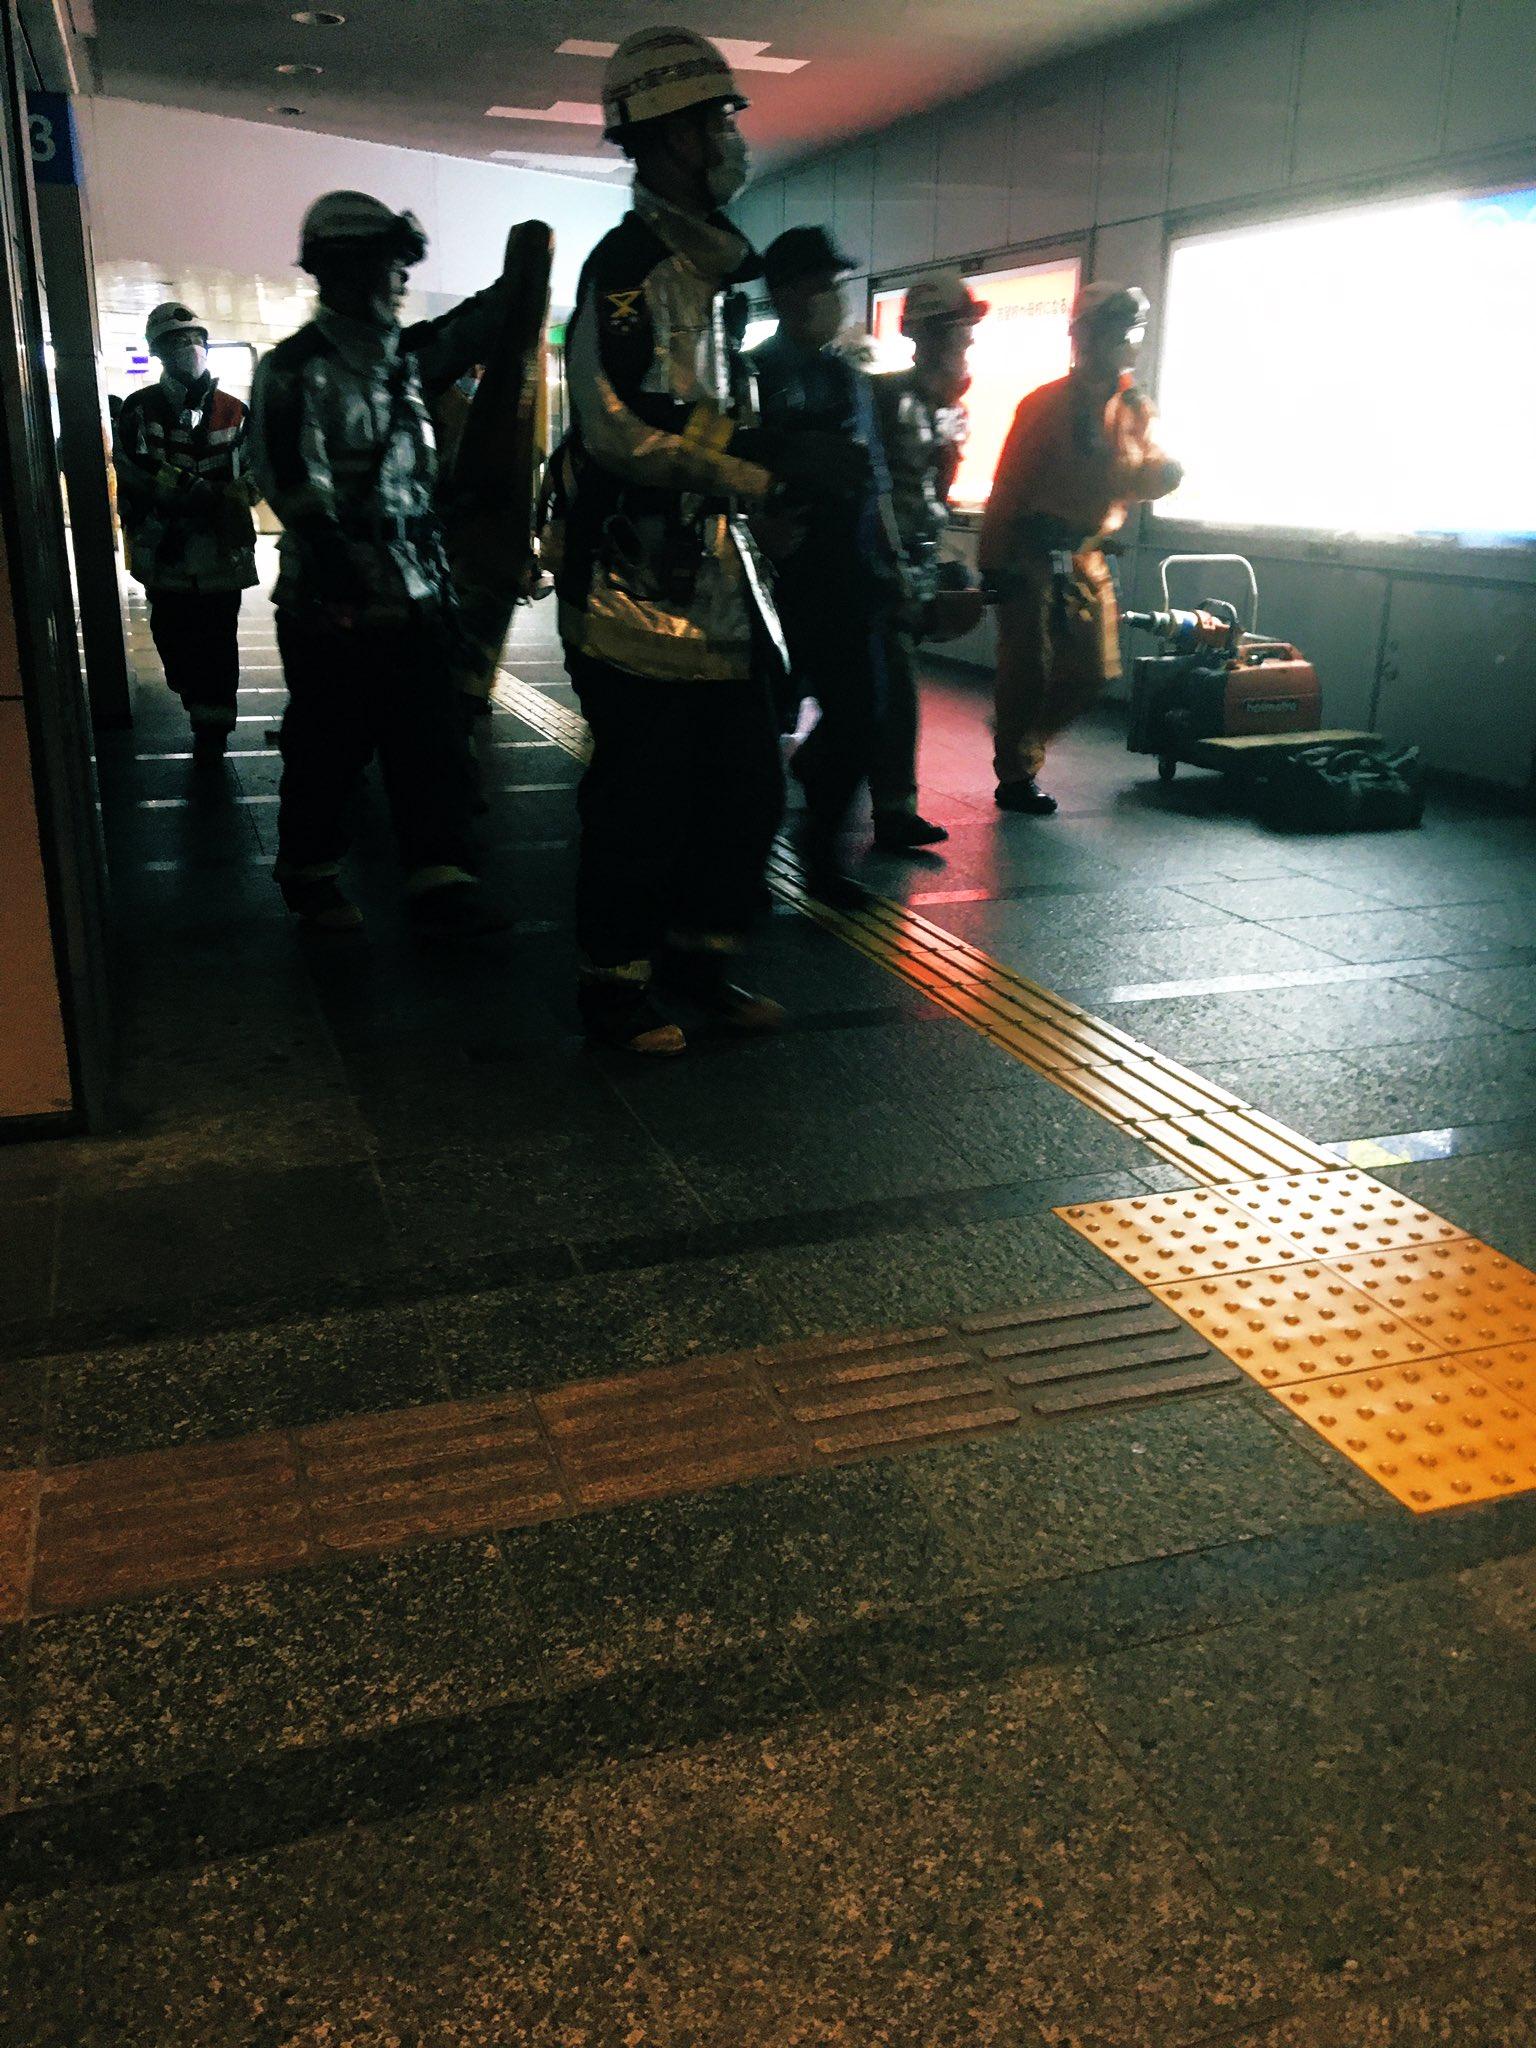 なんば駅で人身事故が起きた現場の画像